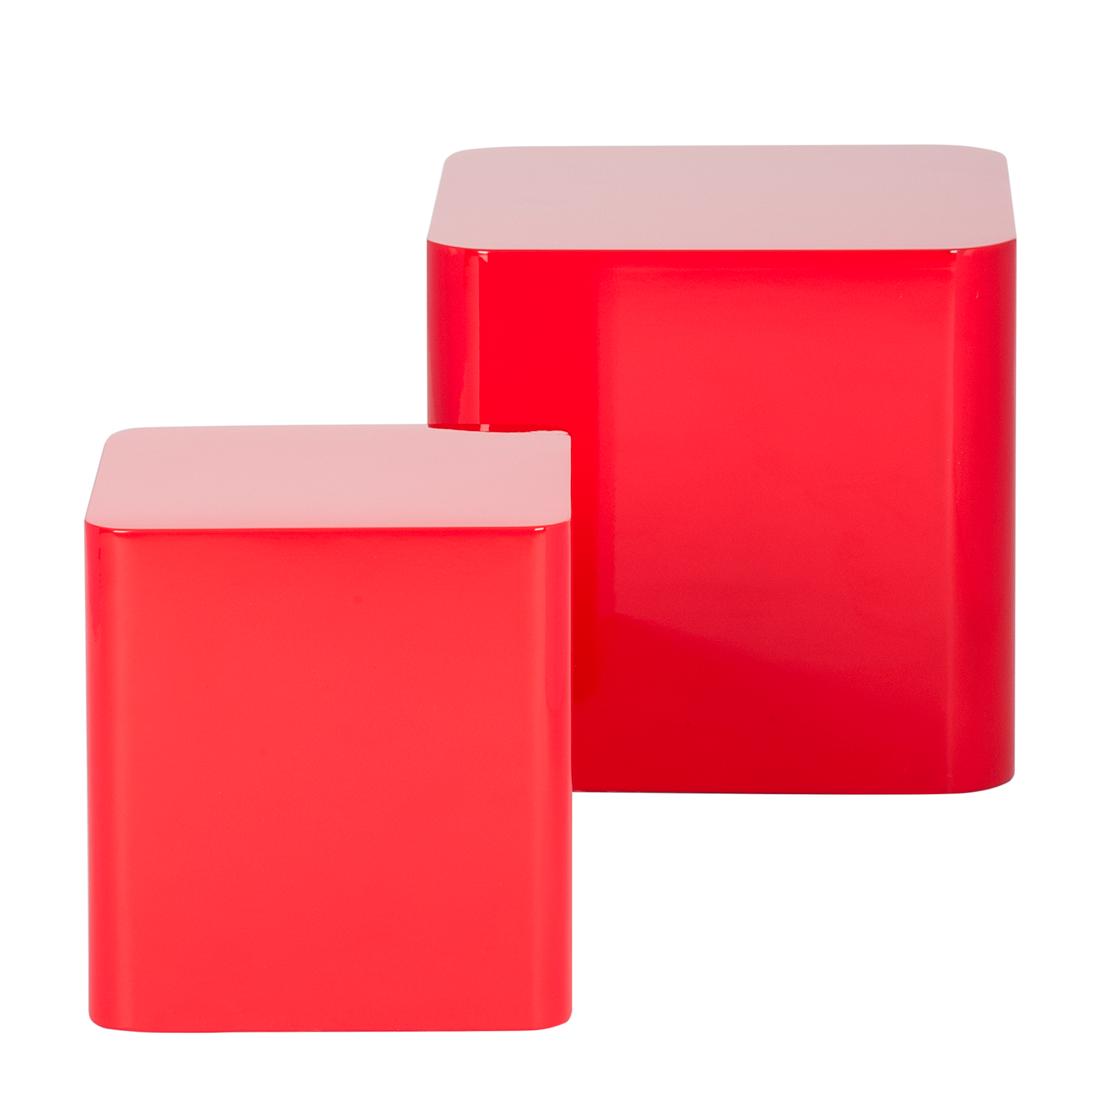 rot wohnzimmer: Beistelltisch Rot Hochglanz Couchtisch Wohnzimmer Sofa Couch Tisch NEU